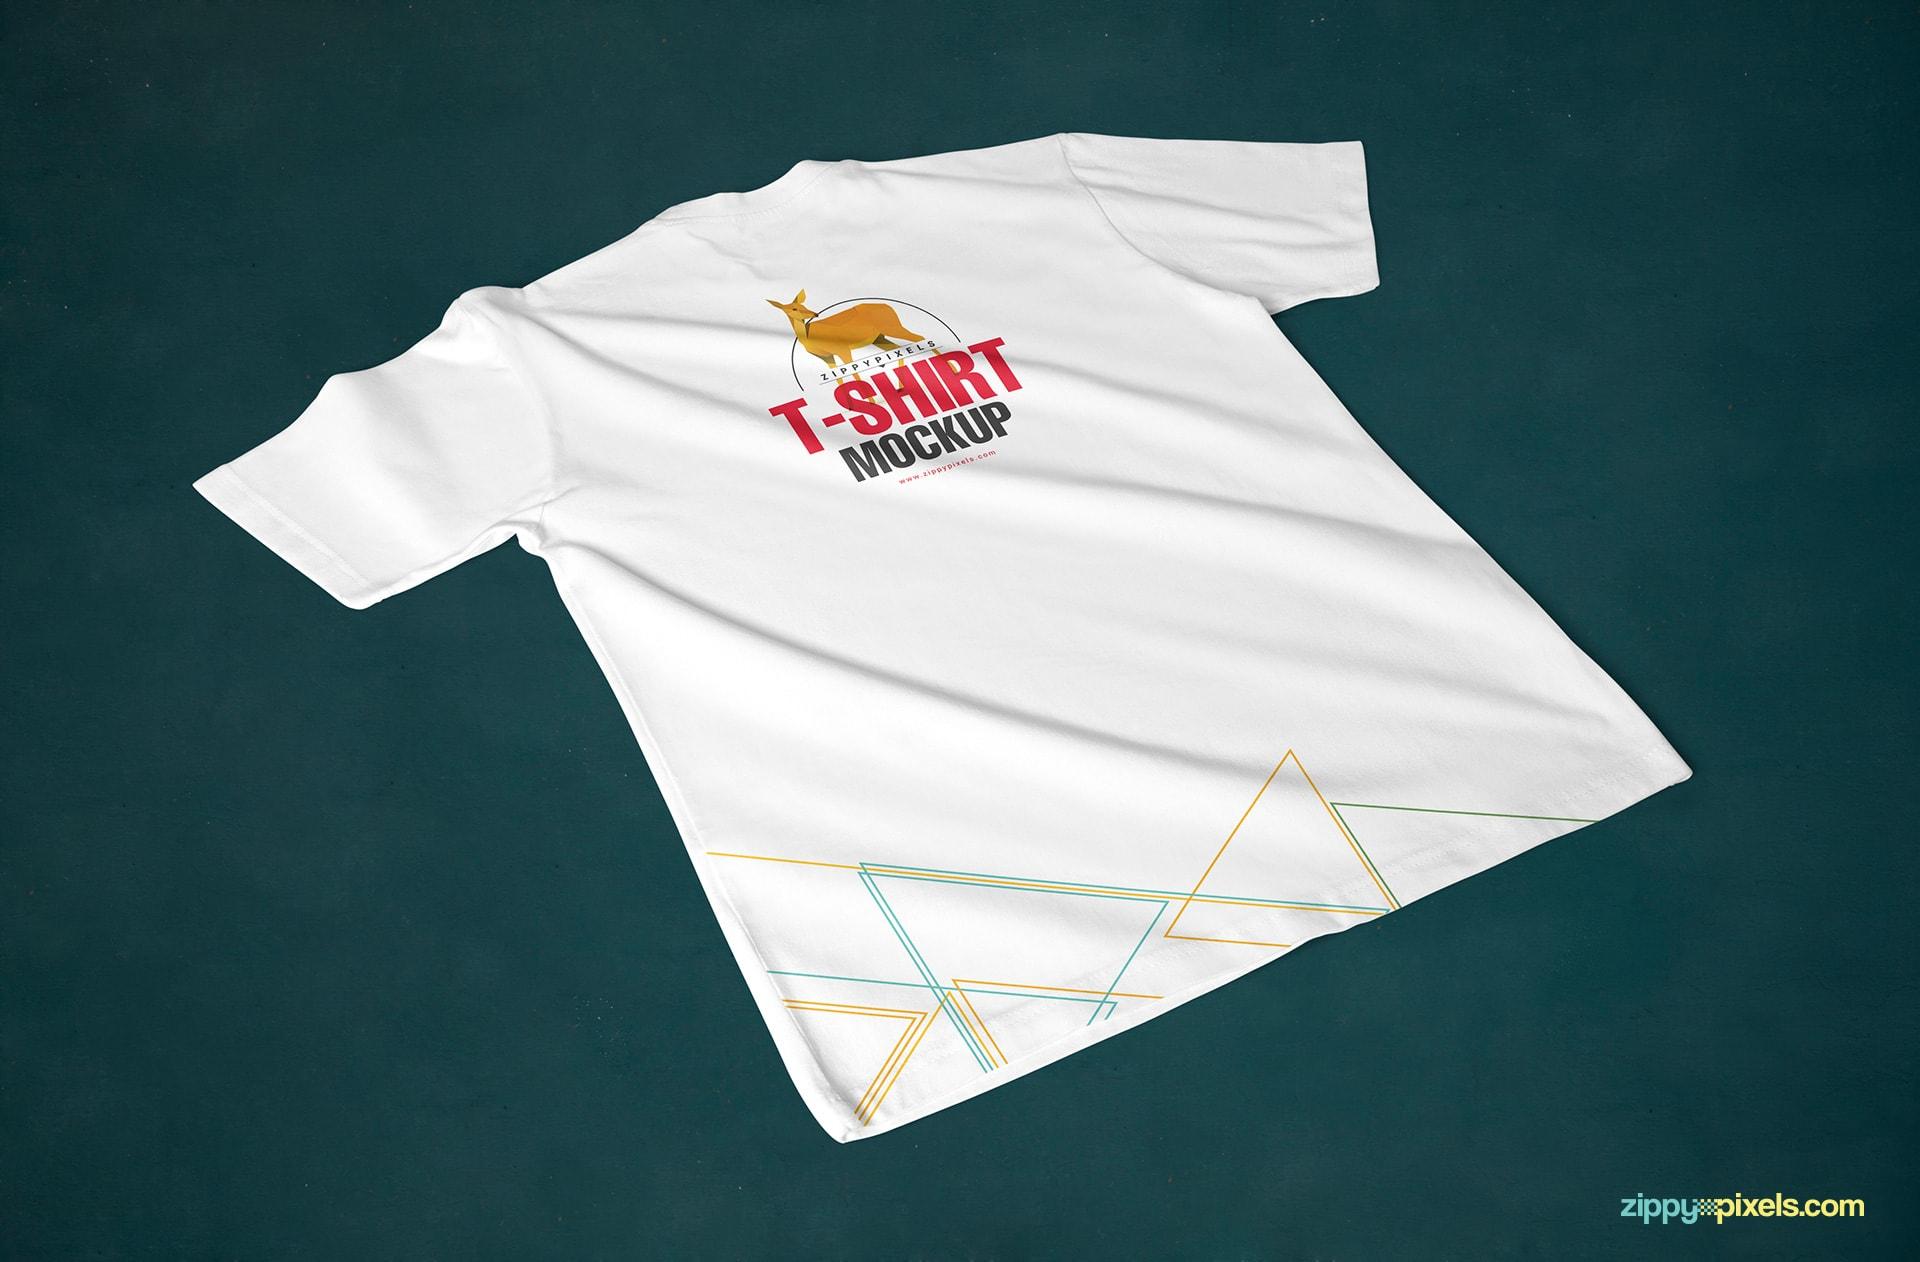 t-shirt-mockup-wrinkled-back-view